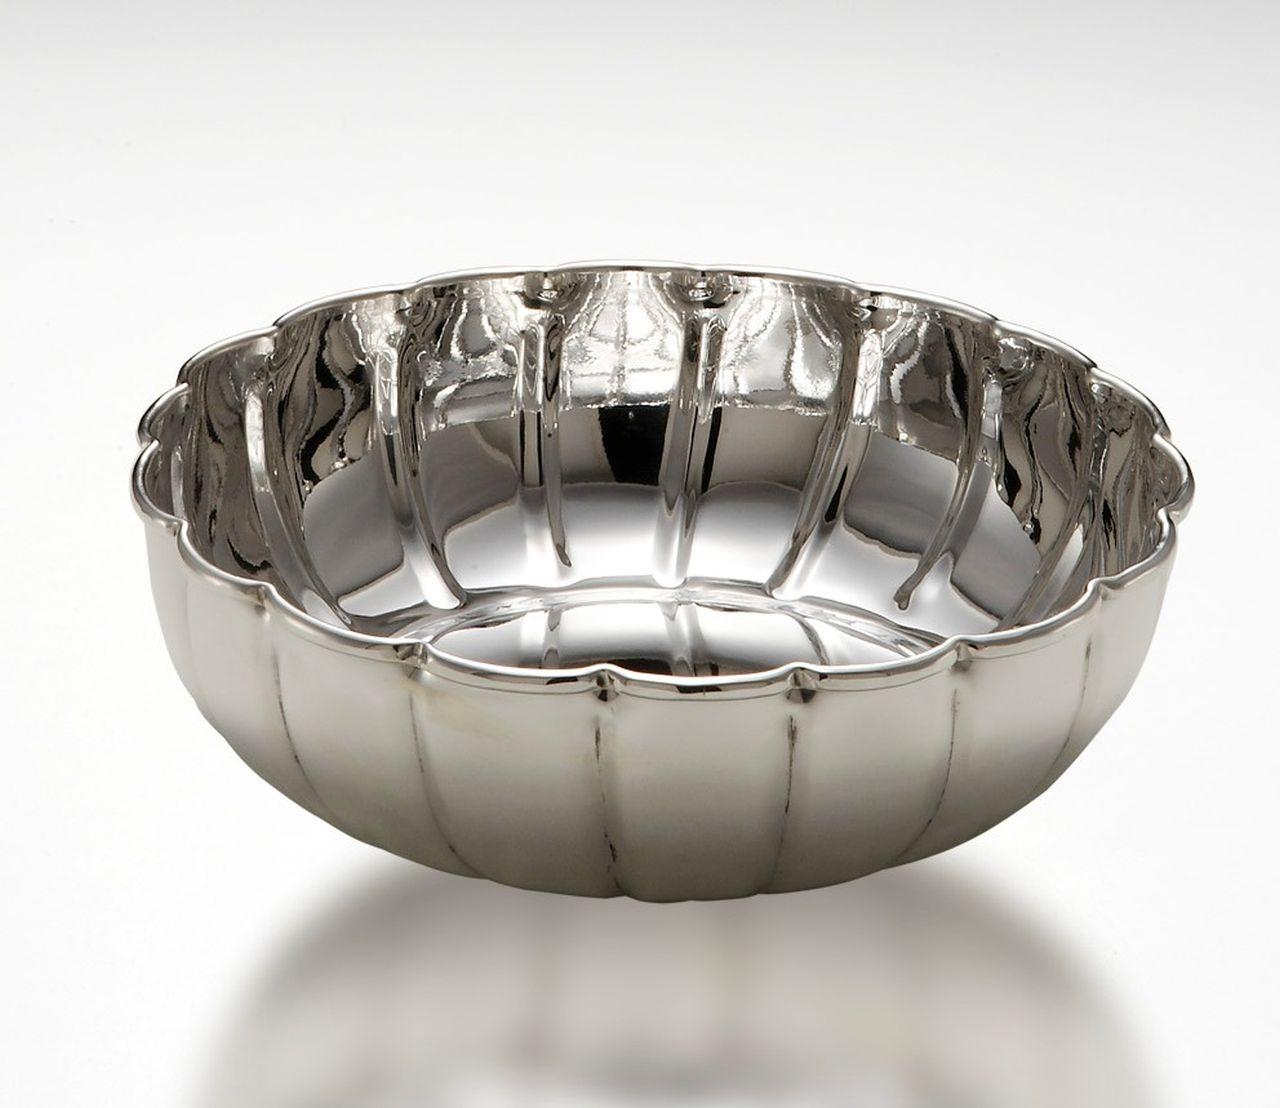 Ciotola tonda modello Benedetta in metallo placcato argento cm.6h diam.22